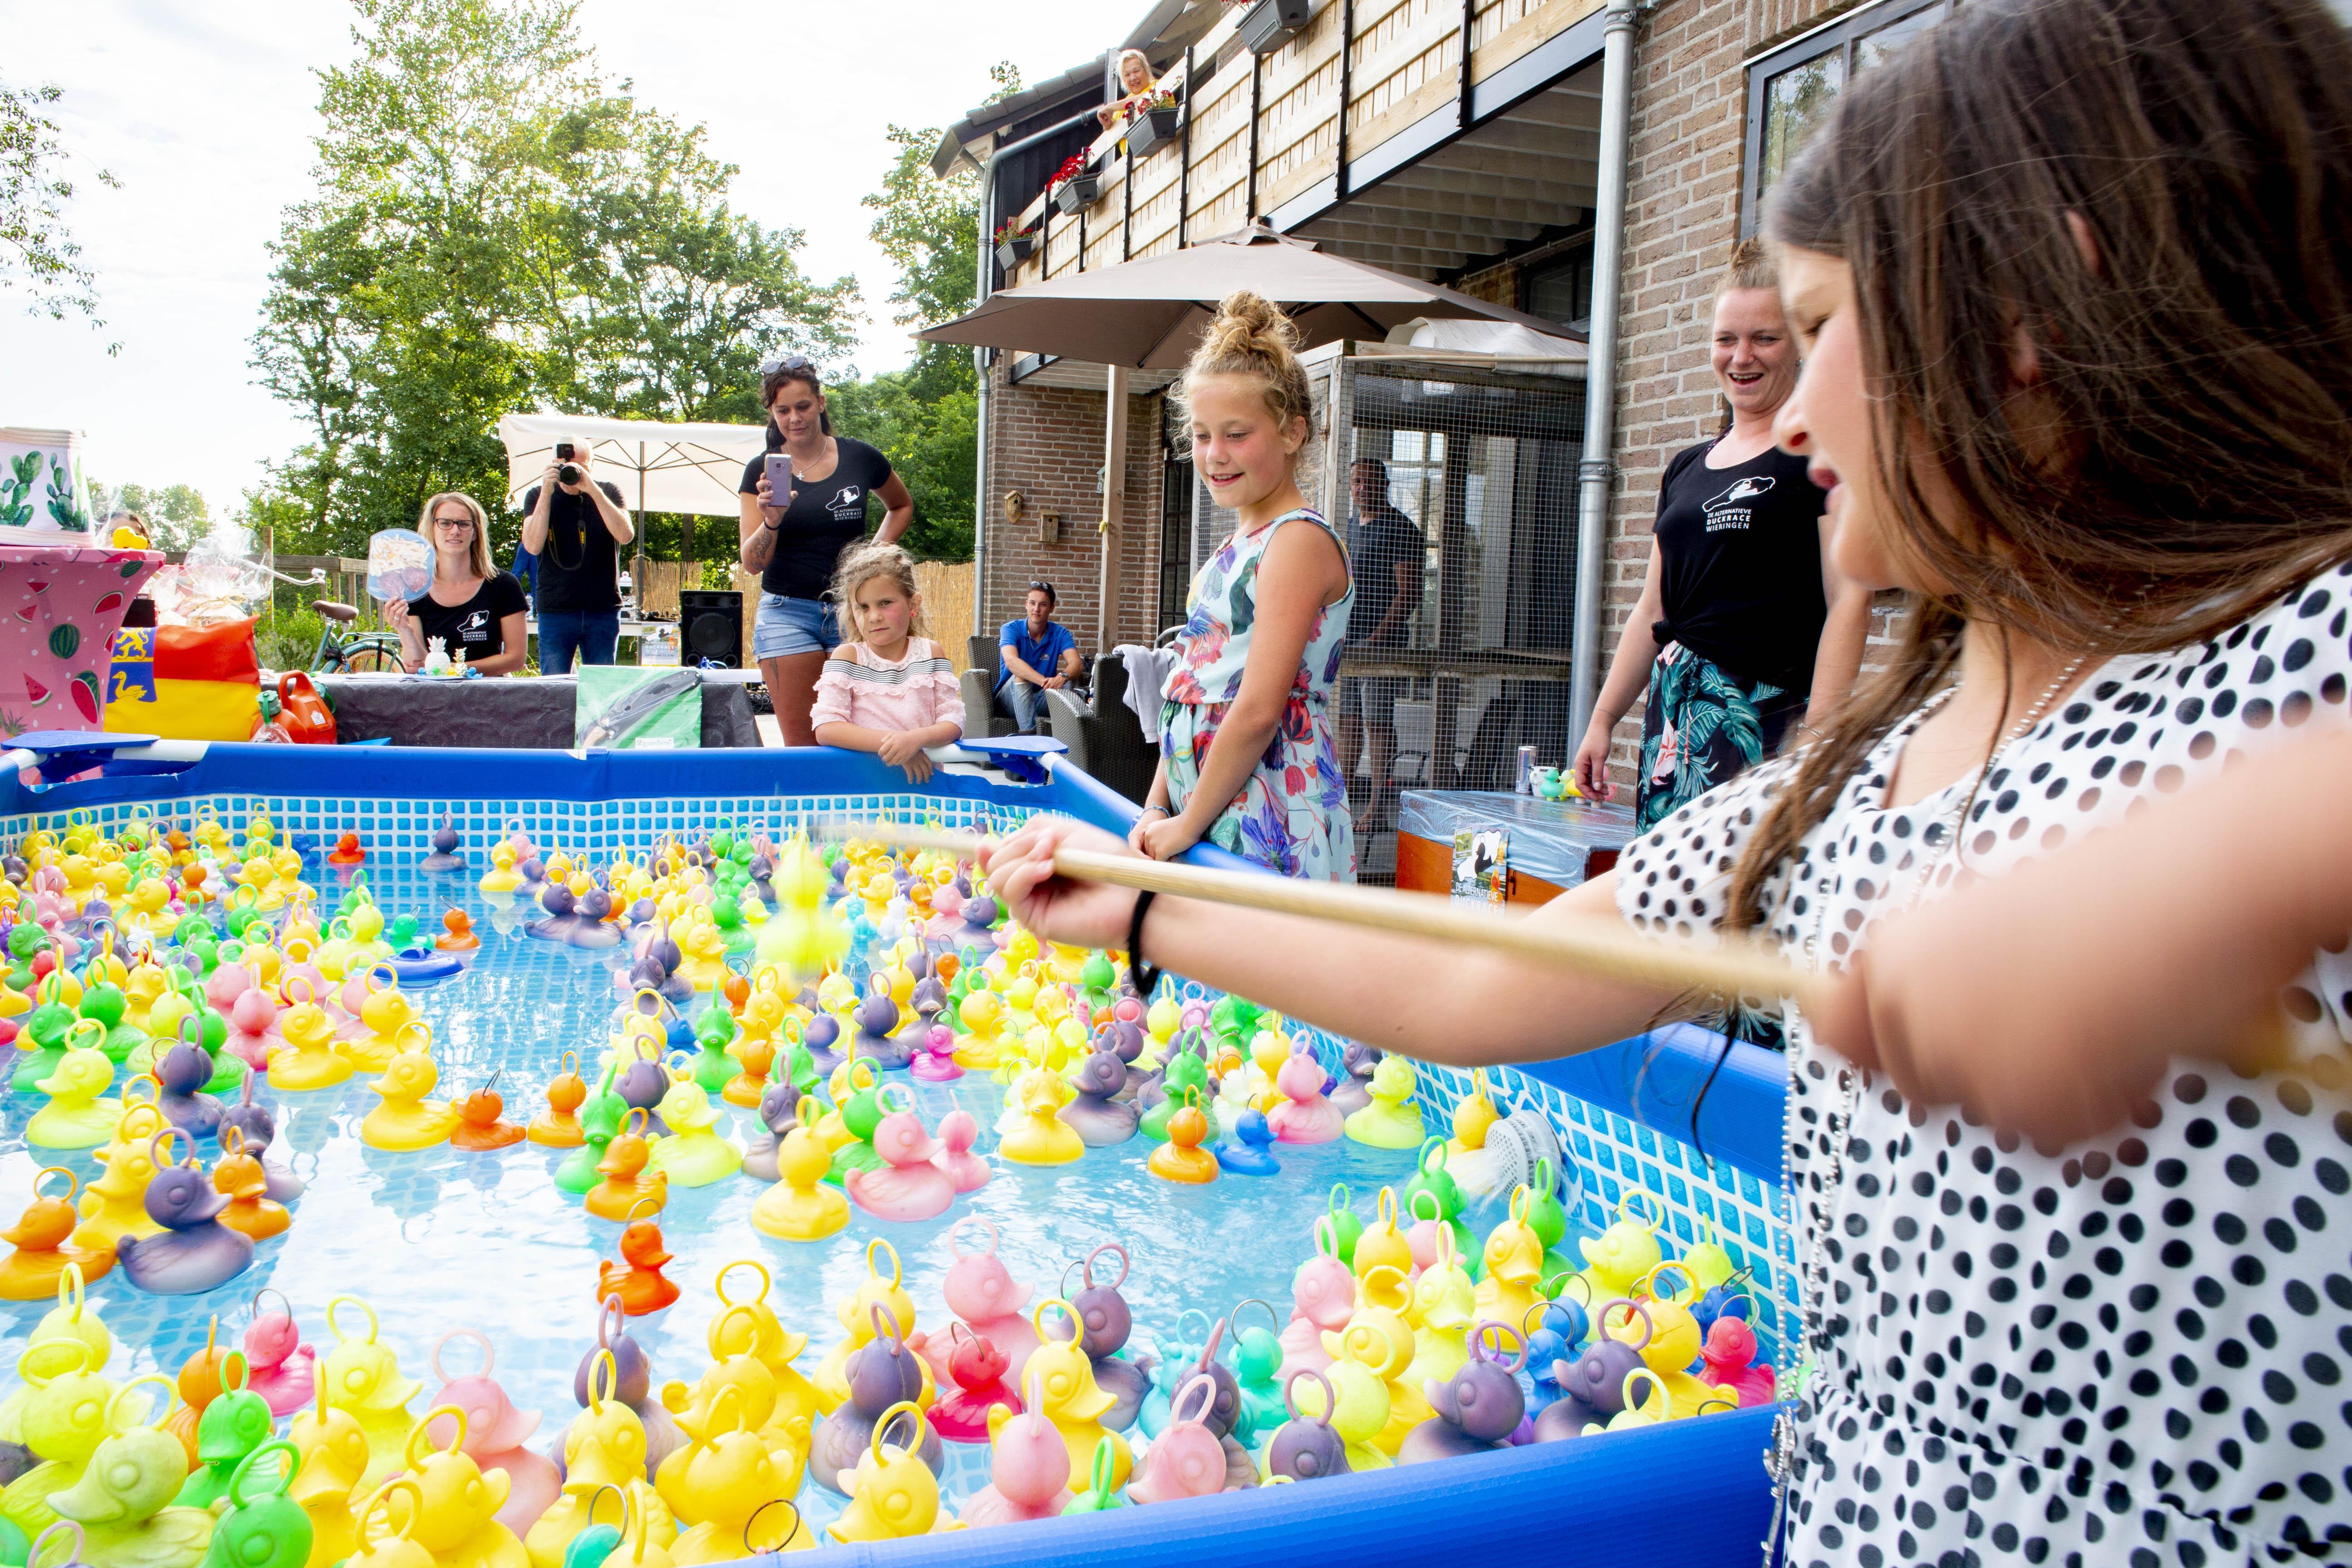 Duckrace in Westerland ditmaal om ondernemers de coronacrisis door te helpen: 2.400 euro opgehaald met prijzen als een fiets en een rondleiding op een marineschip